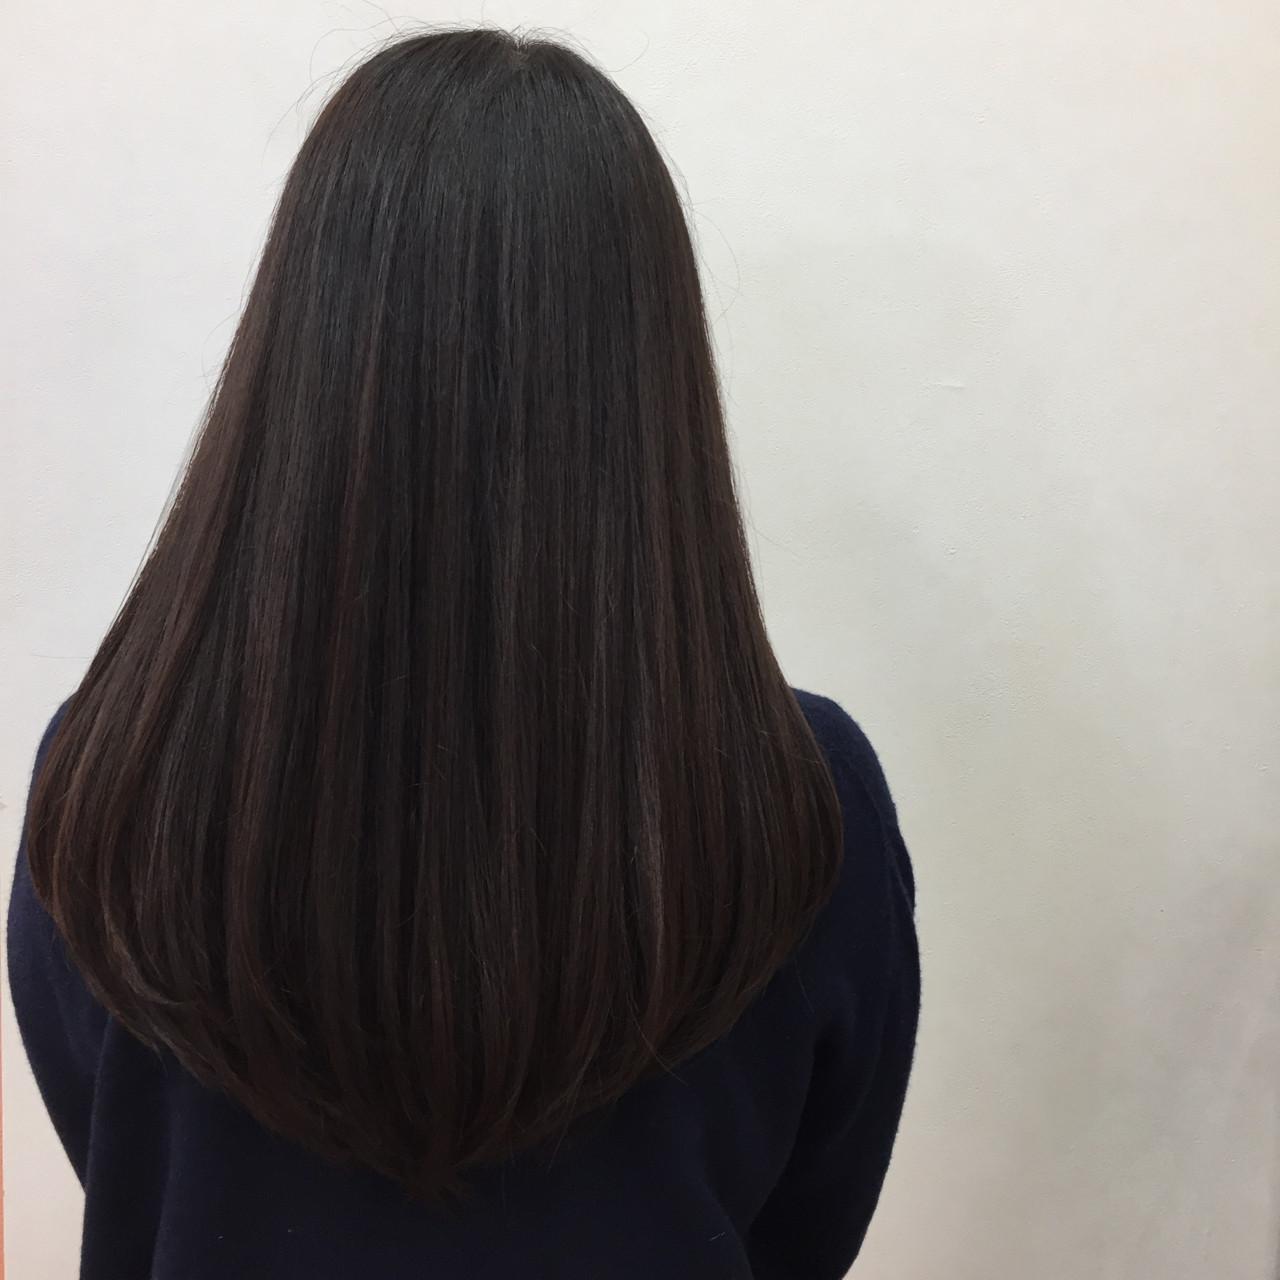 ブラウン 暗髪 ロング グラデーションカラー ヘアスタイルや髪型の写真・画像